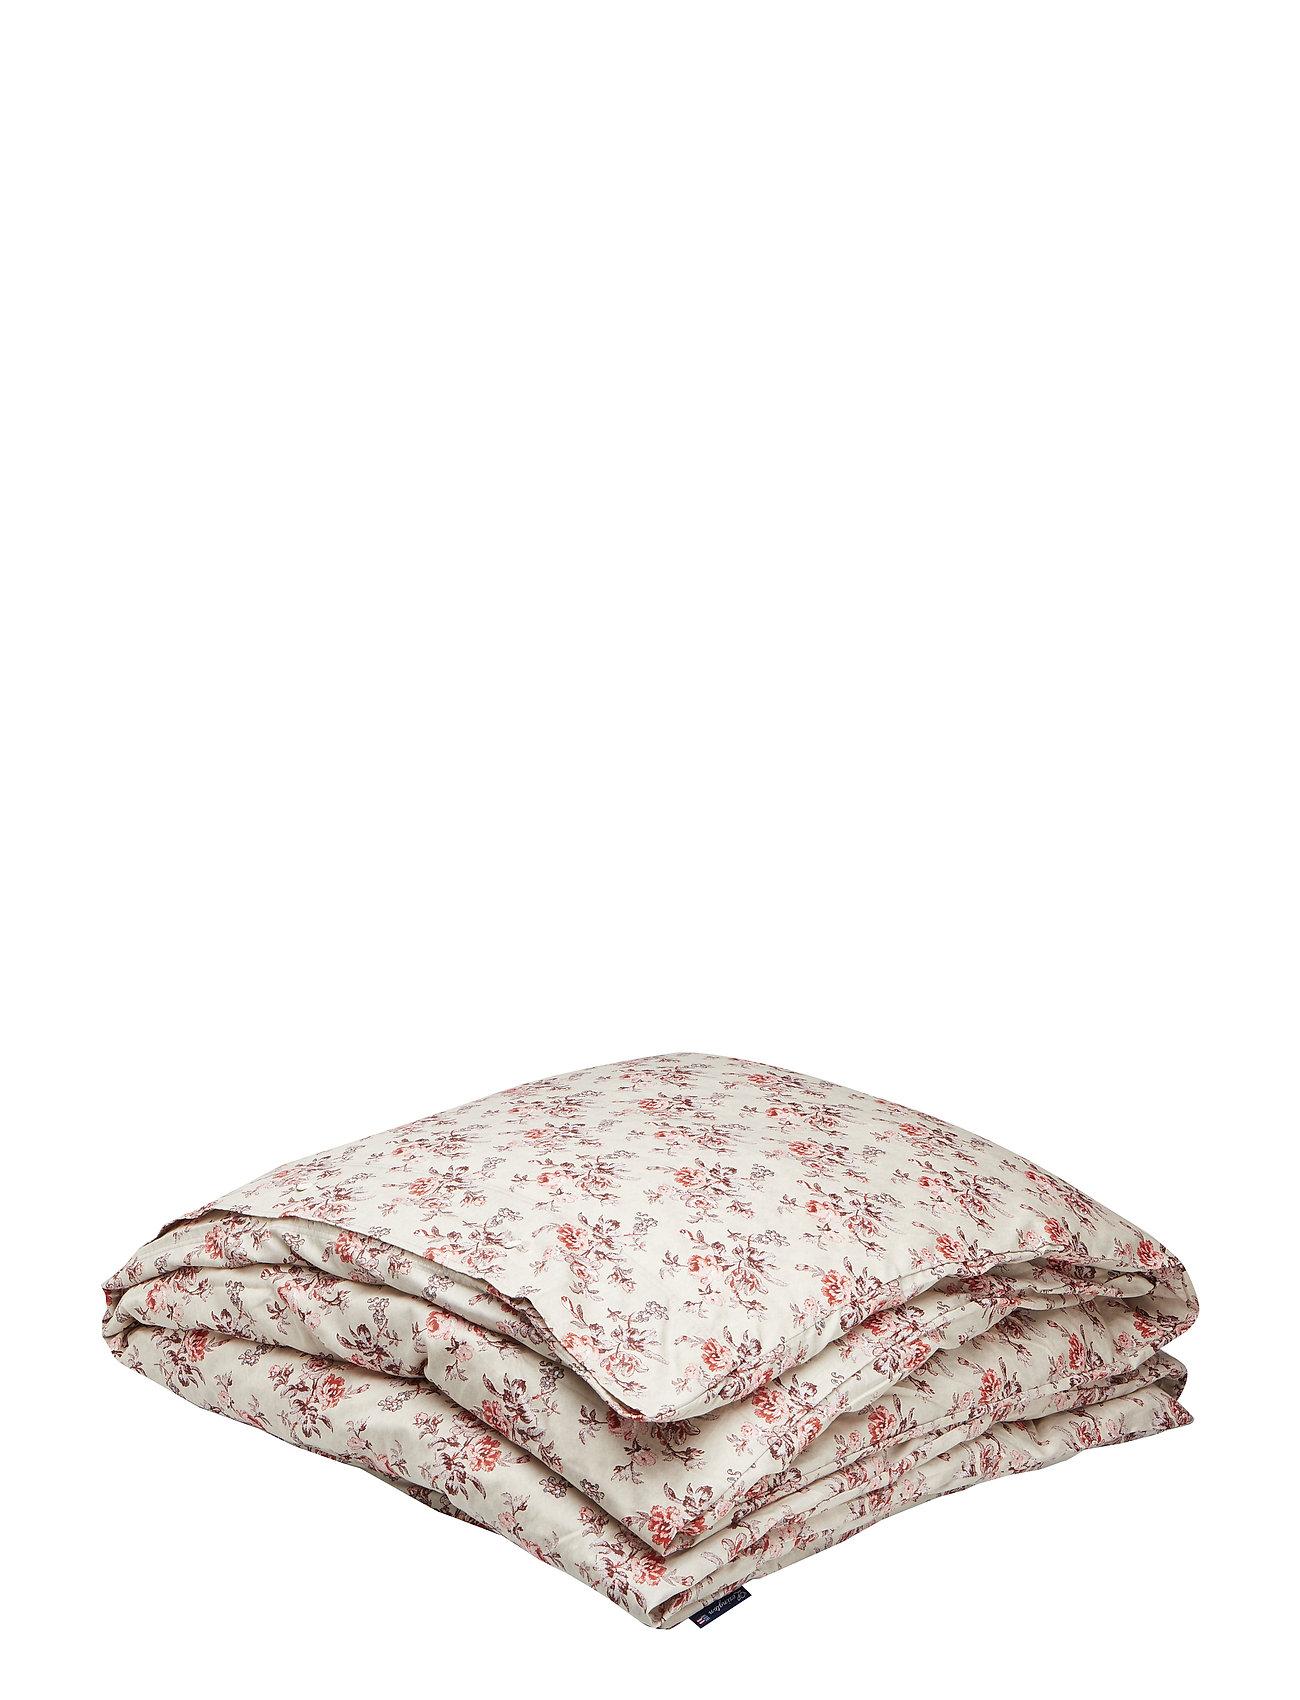 Lexington Home Printed Floral Sateen Duvet - AUTUMN FLORAL